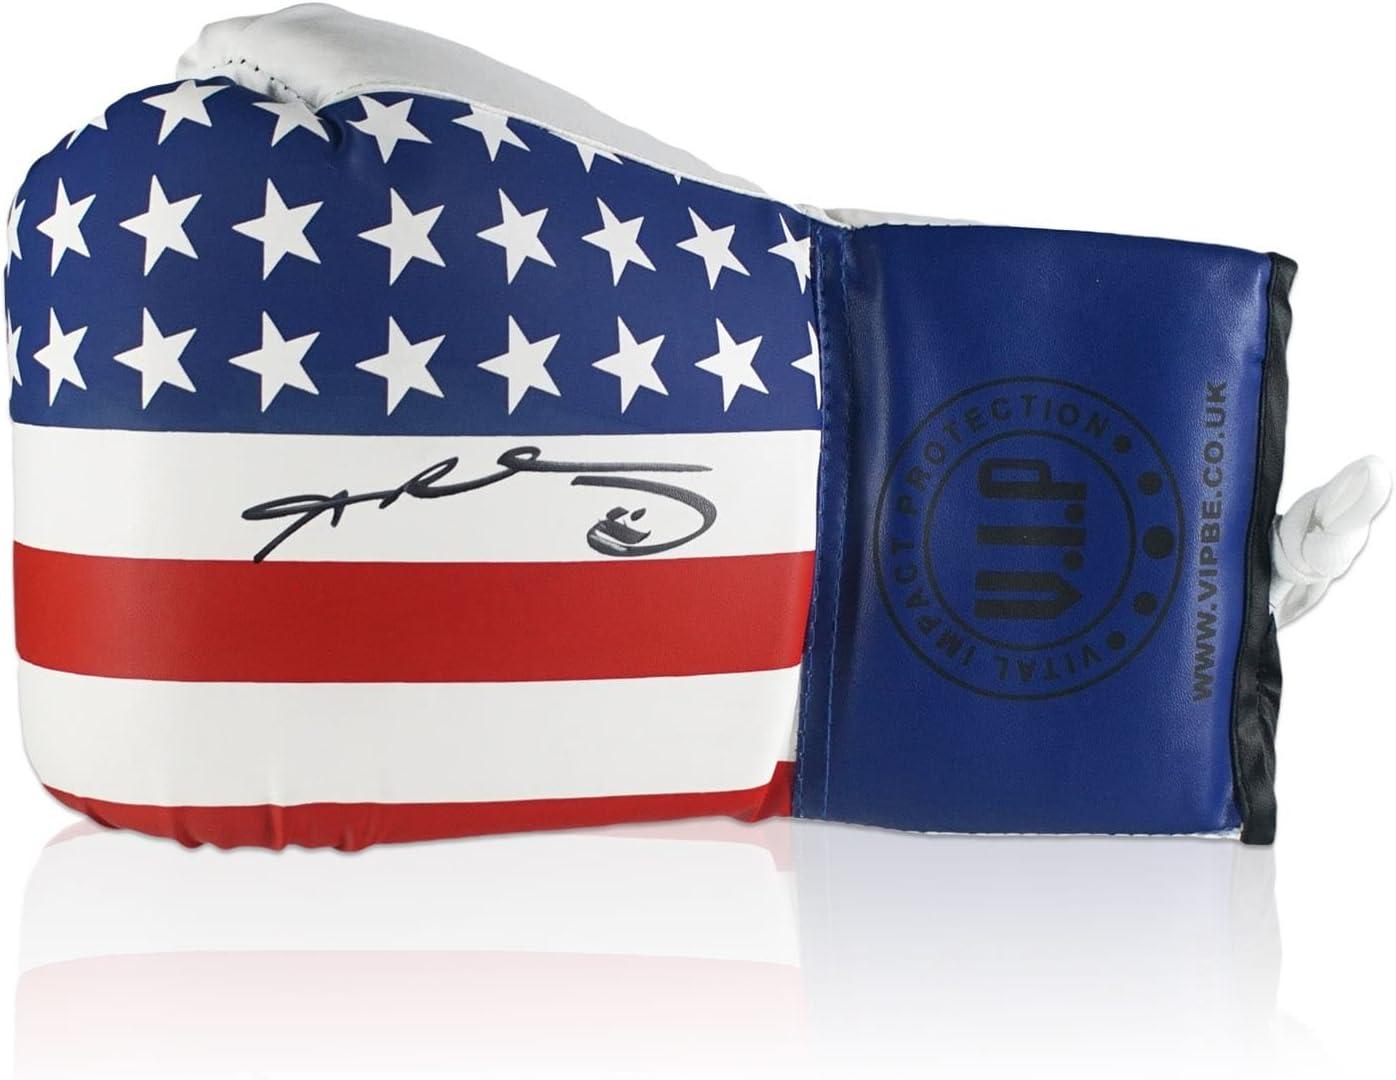 Estrellas y rayas guante de boxeo firmado por Sugar Ray Leonard. En caja de regalo.: Amazon.es: Deportes y aire libre